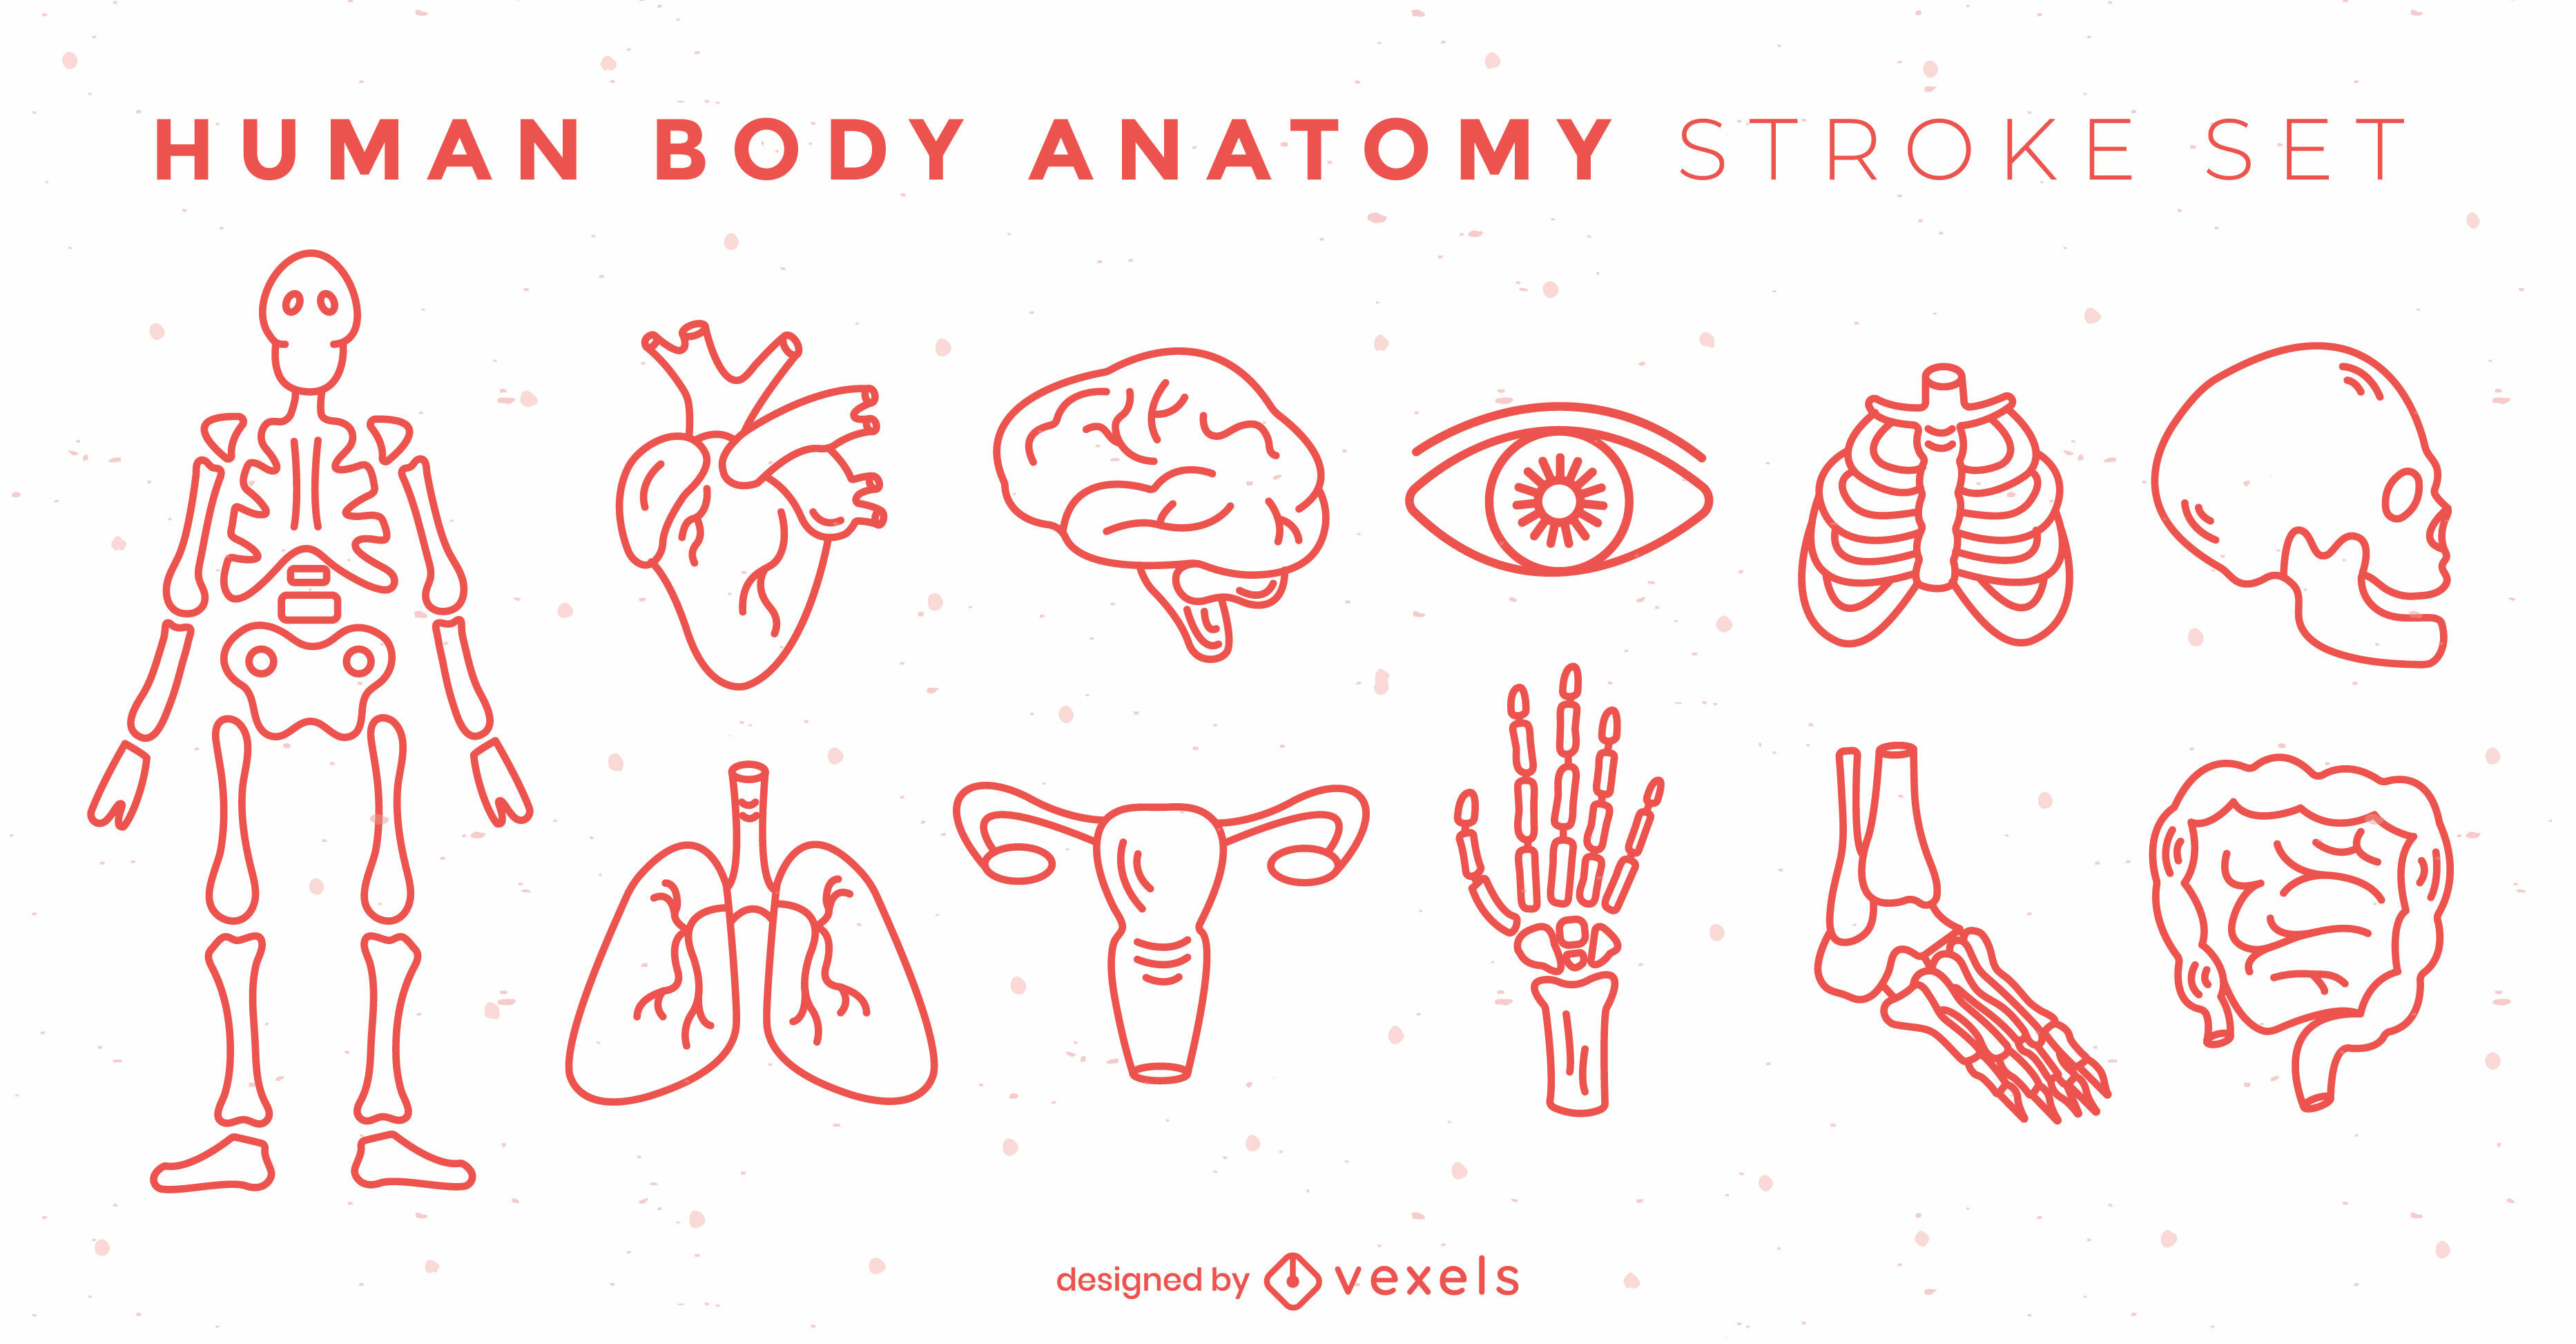 Anatomy body elements stroke set